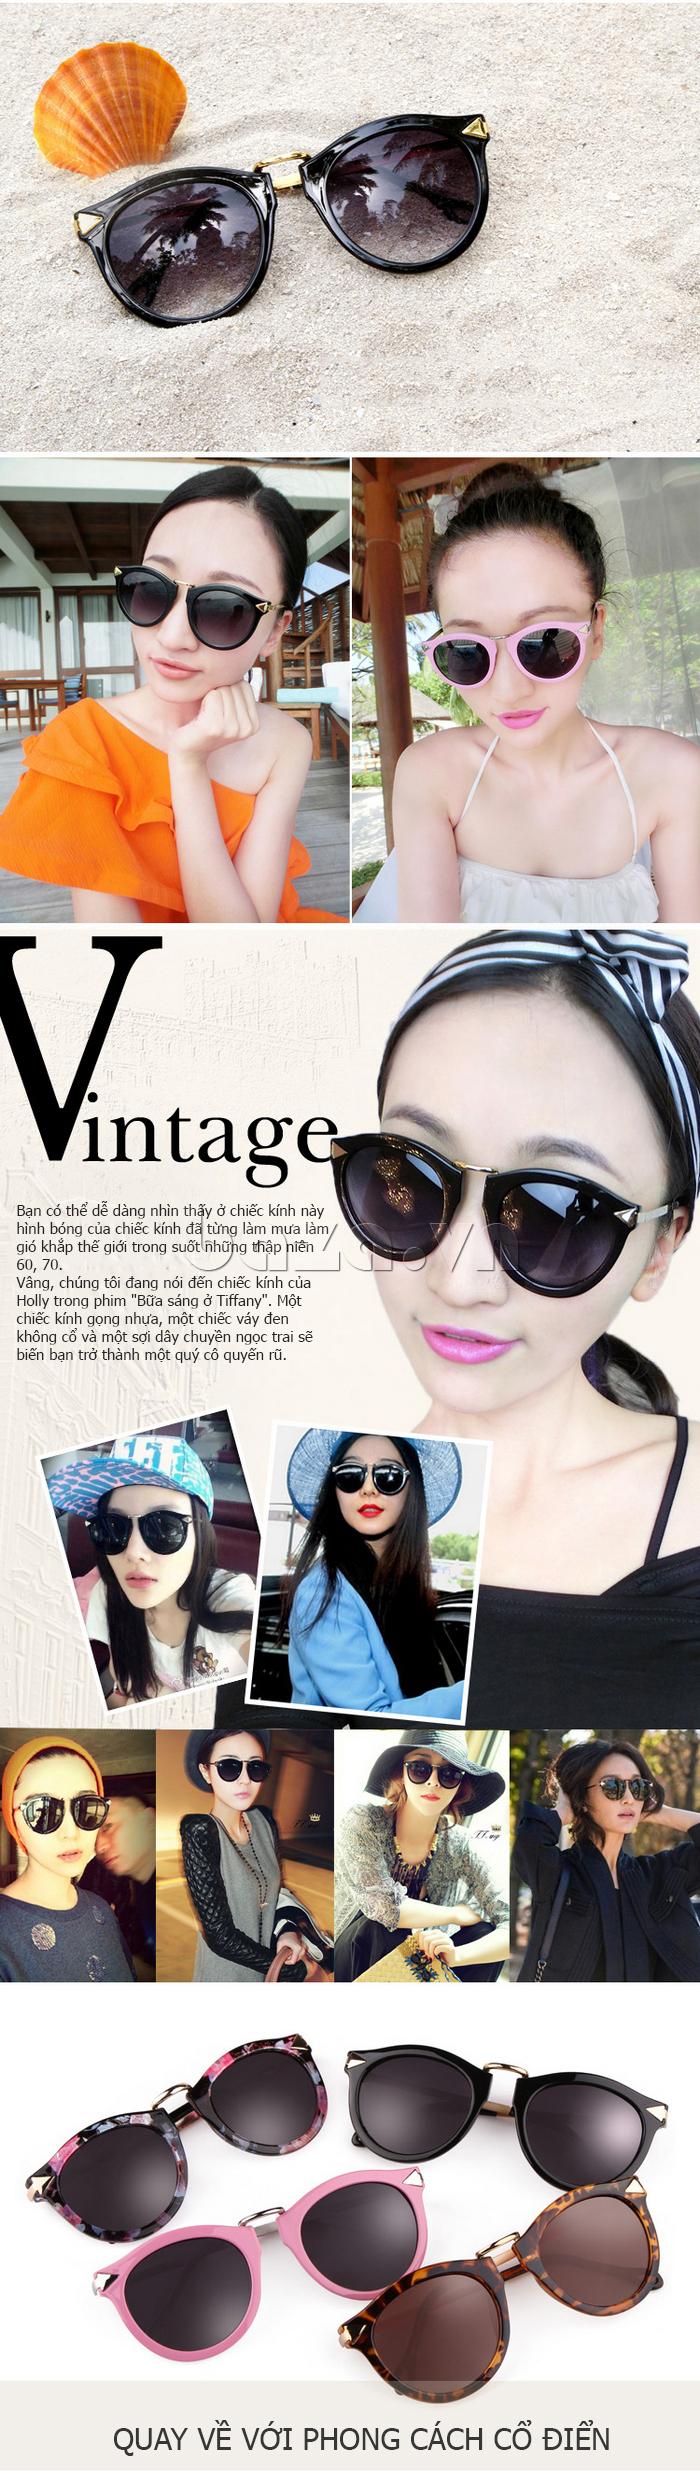 Kính nữ thời trang RBSPACE B086 hiện đại theo phong cách vintage